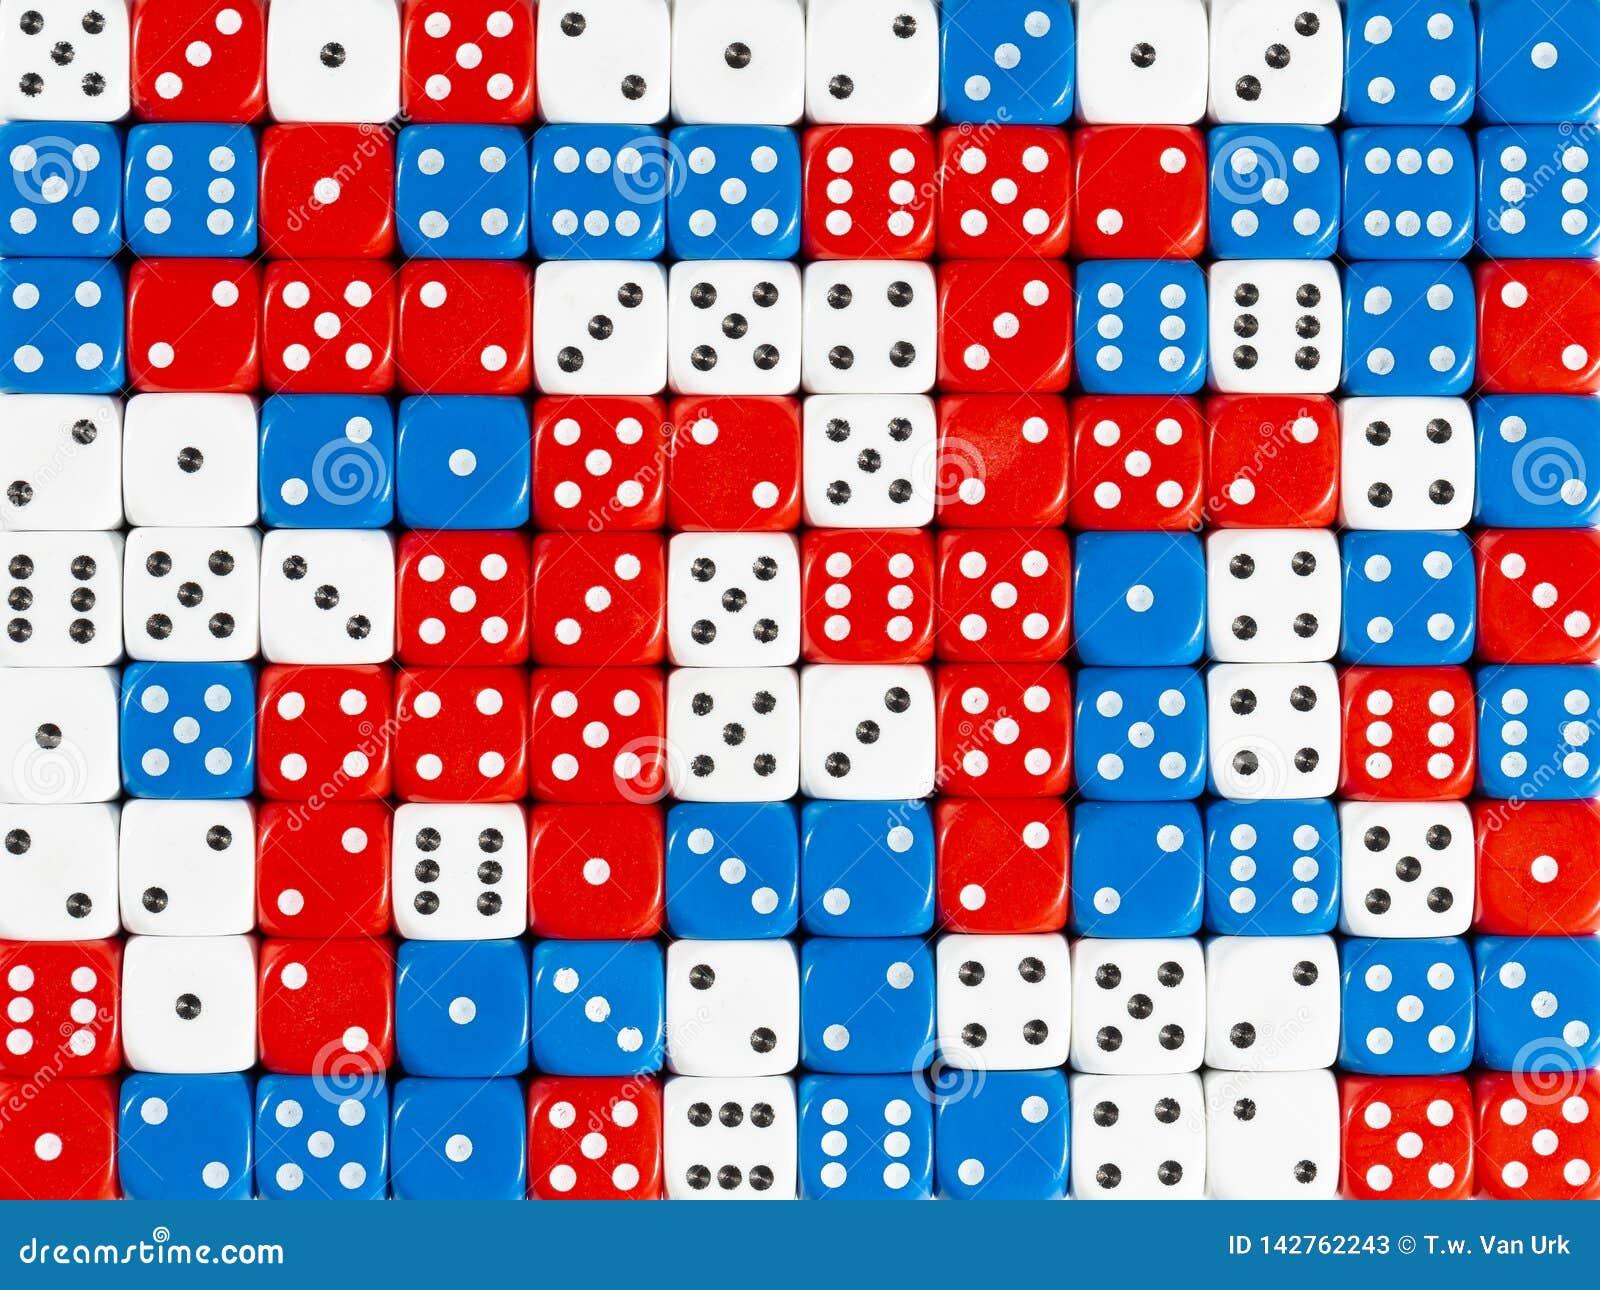 Het achtergrondpatroon van willekeurig bevolen rood, wit en blauw dobbelt